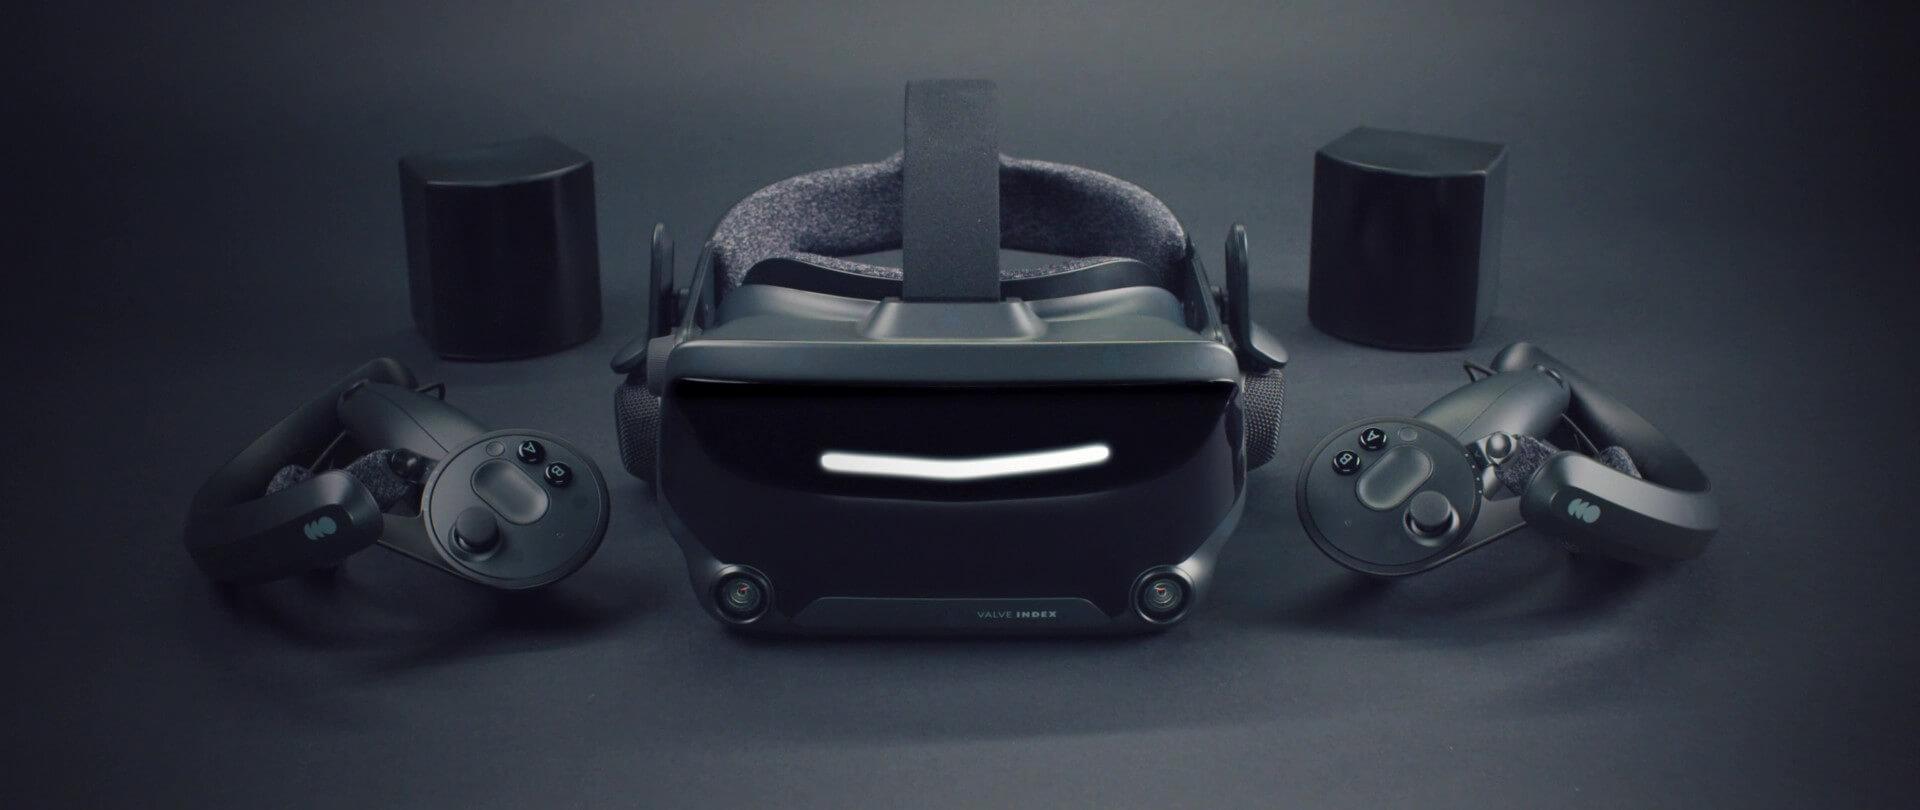 Гейб Ньюэлл о переезде Valve в Новую Зеландию, Half-Life и будущем VR-технологий